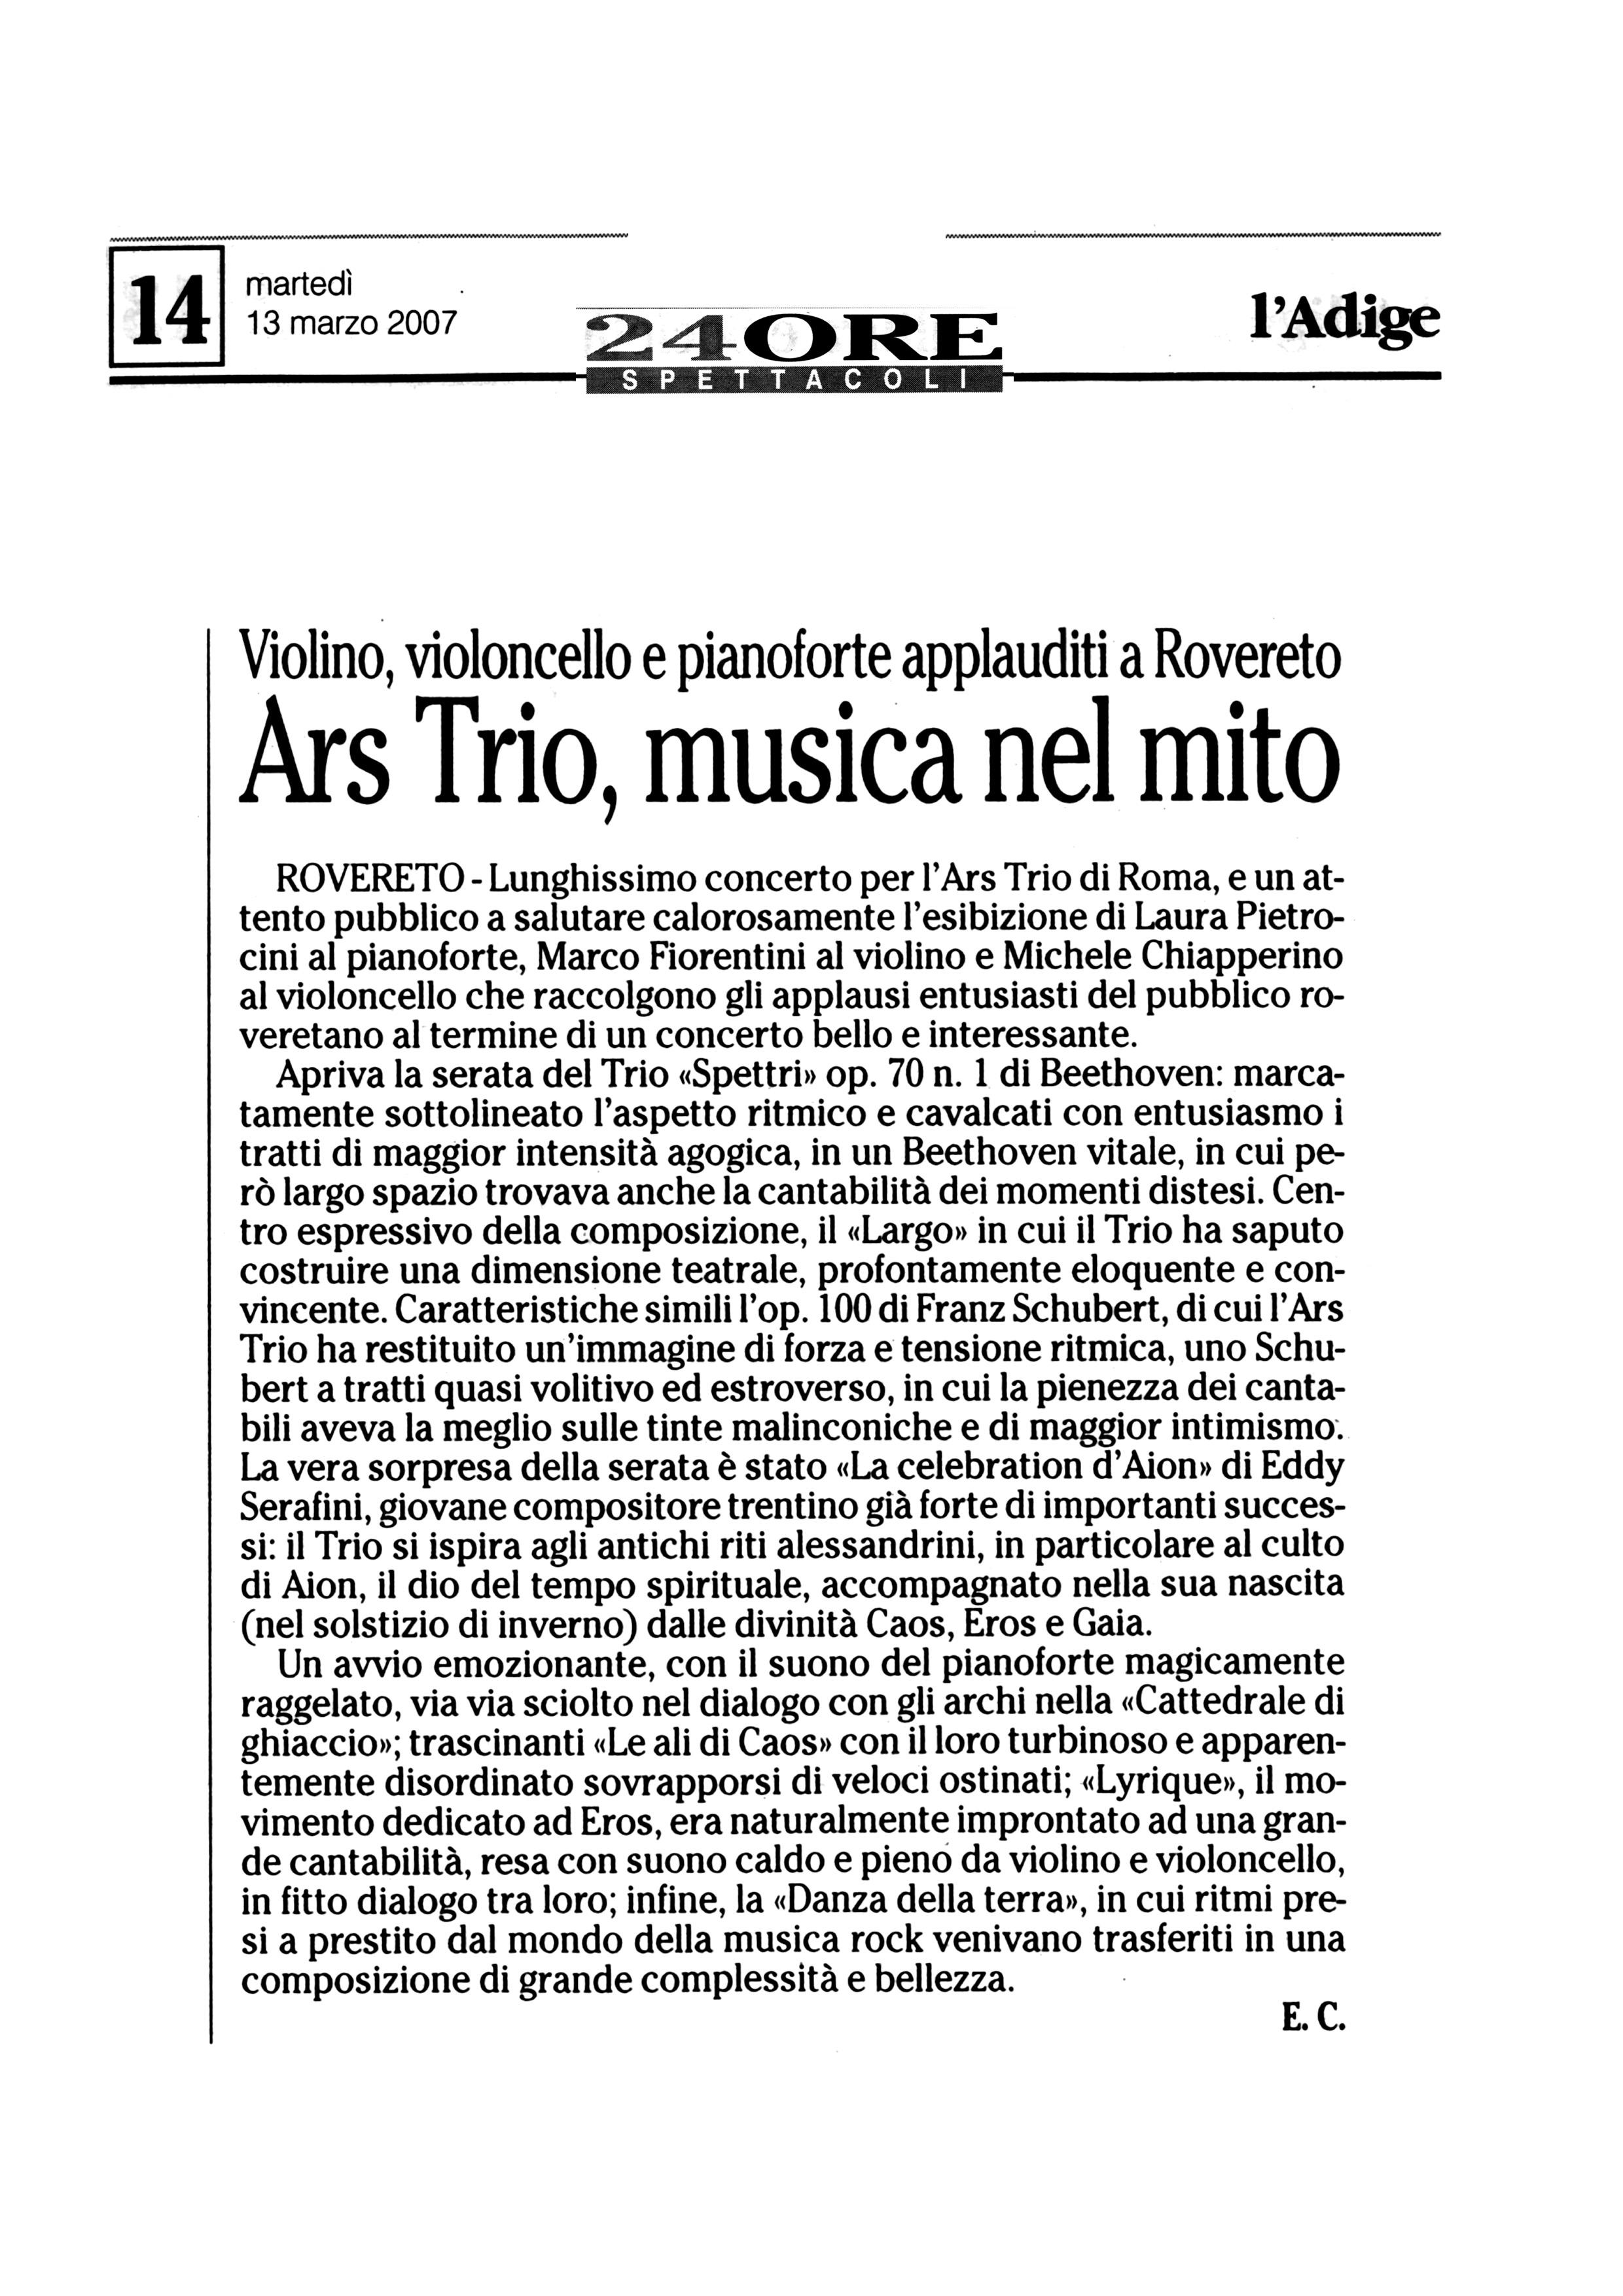 Ars Trio, musica nel mito – l'Adige – 13/03/2007